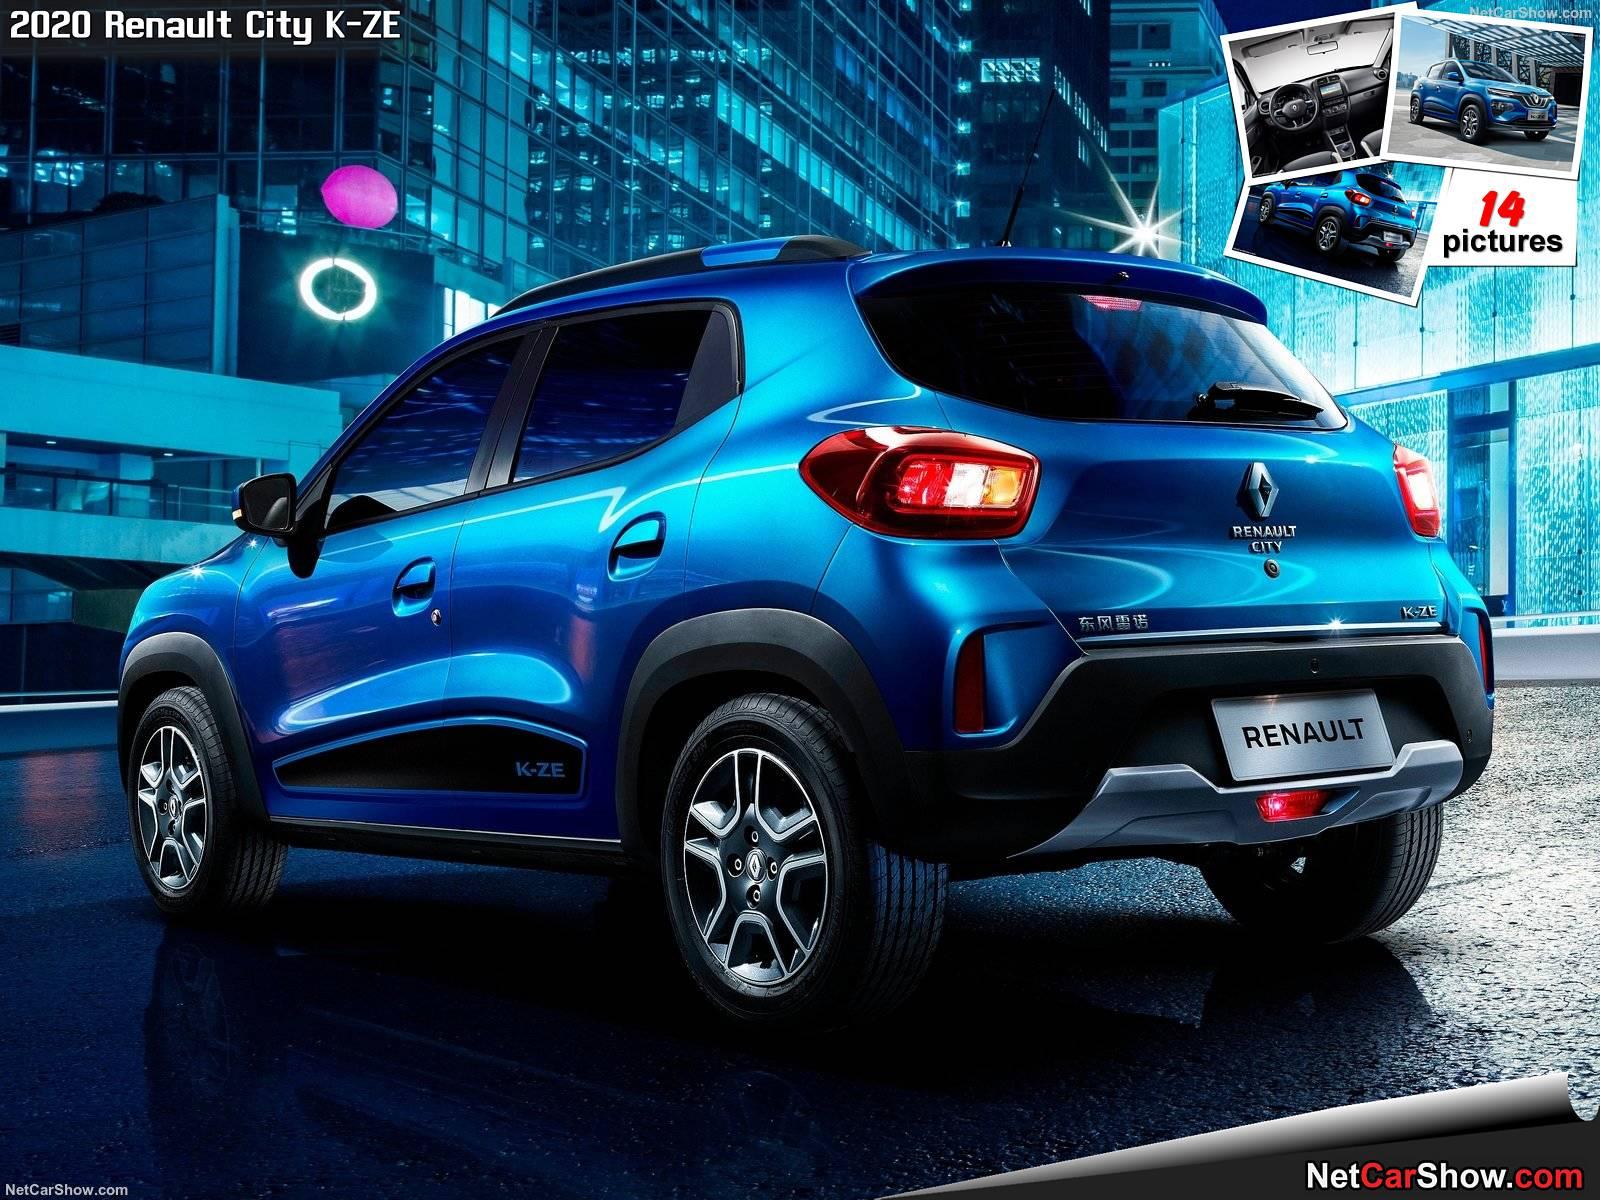 В Украину массово везут бюджетные авто Renault из Китая 3